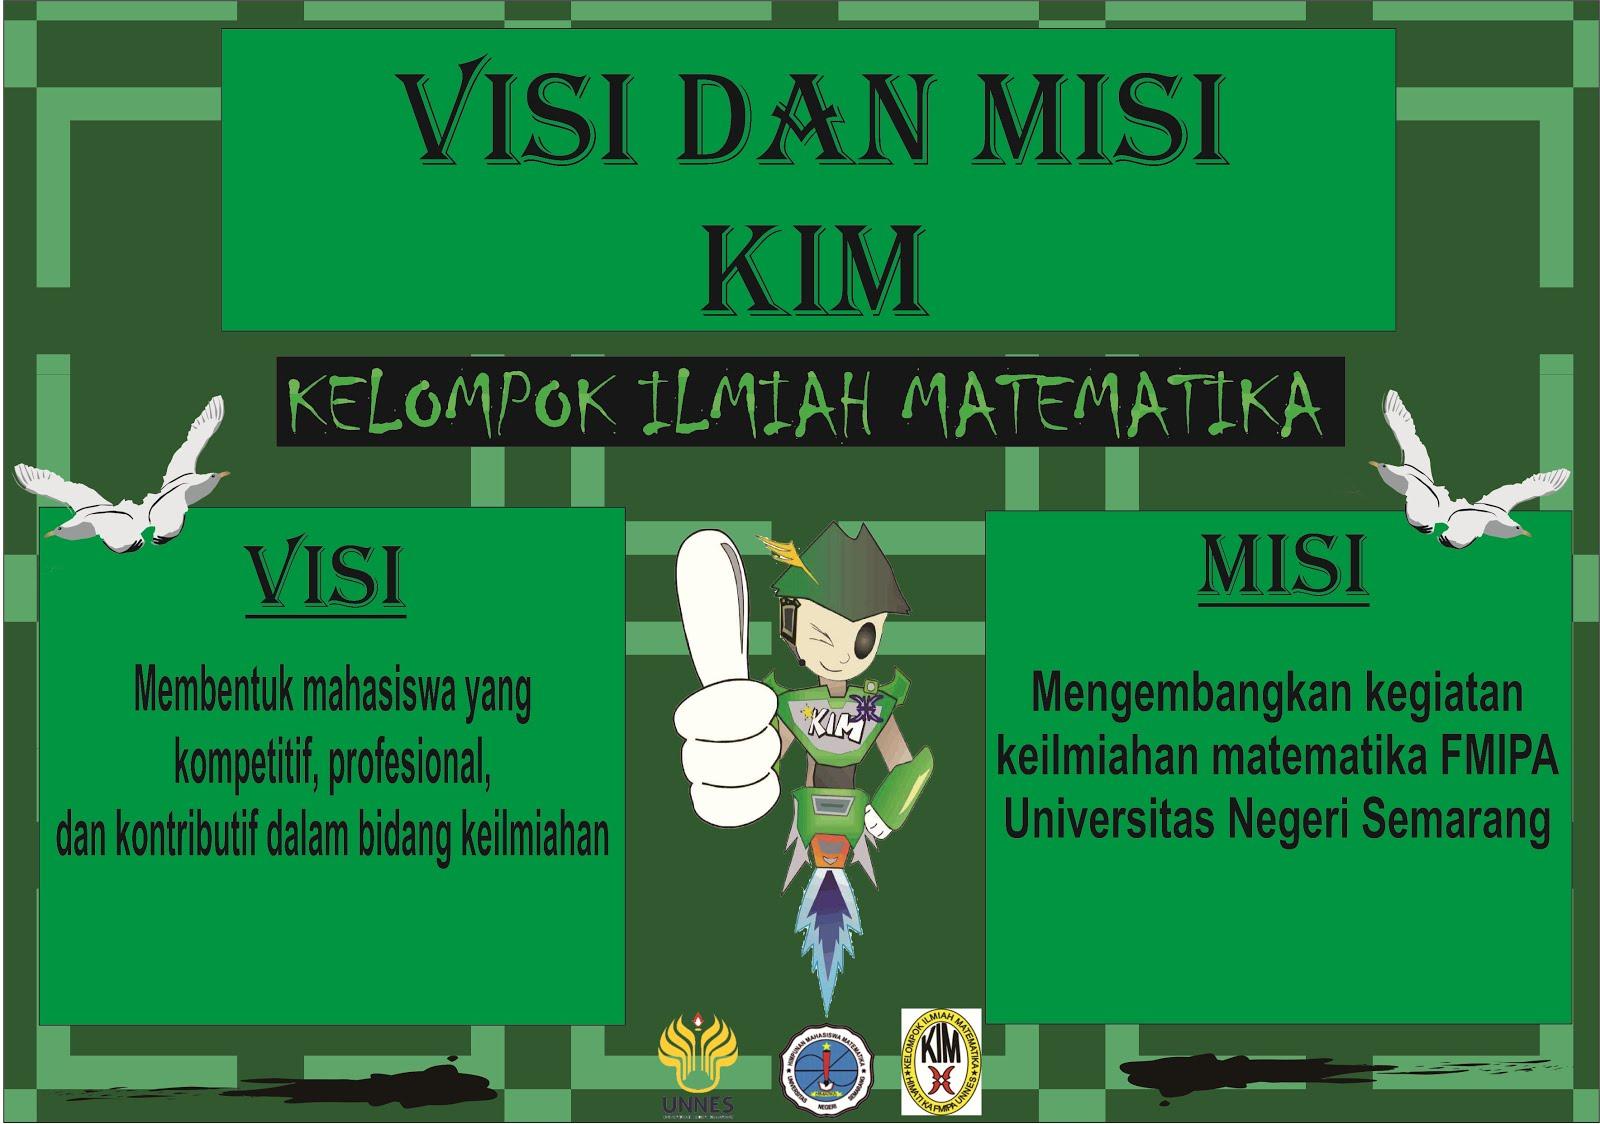 VISI dan MISI KIM